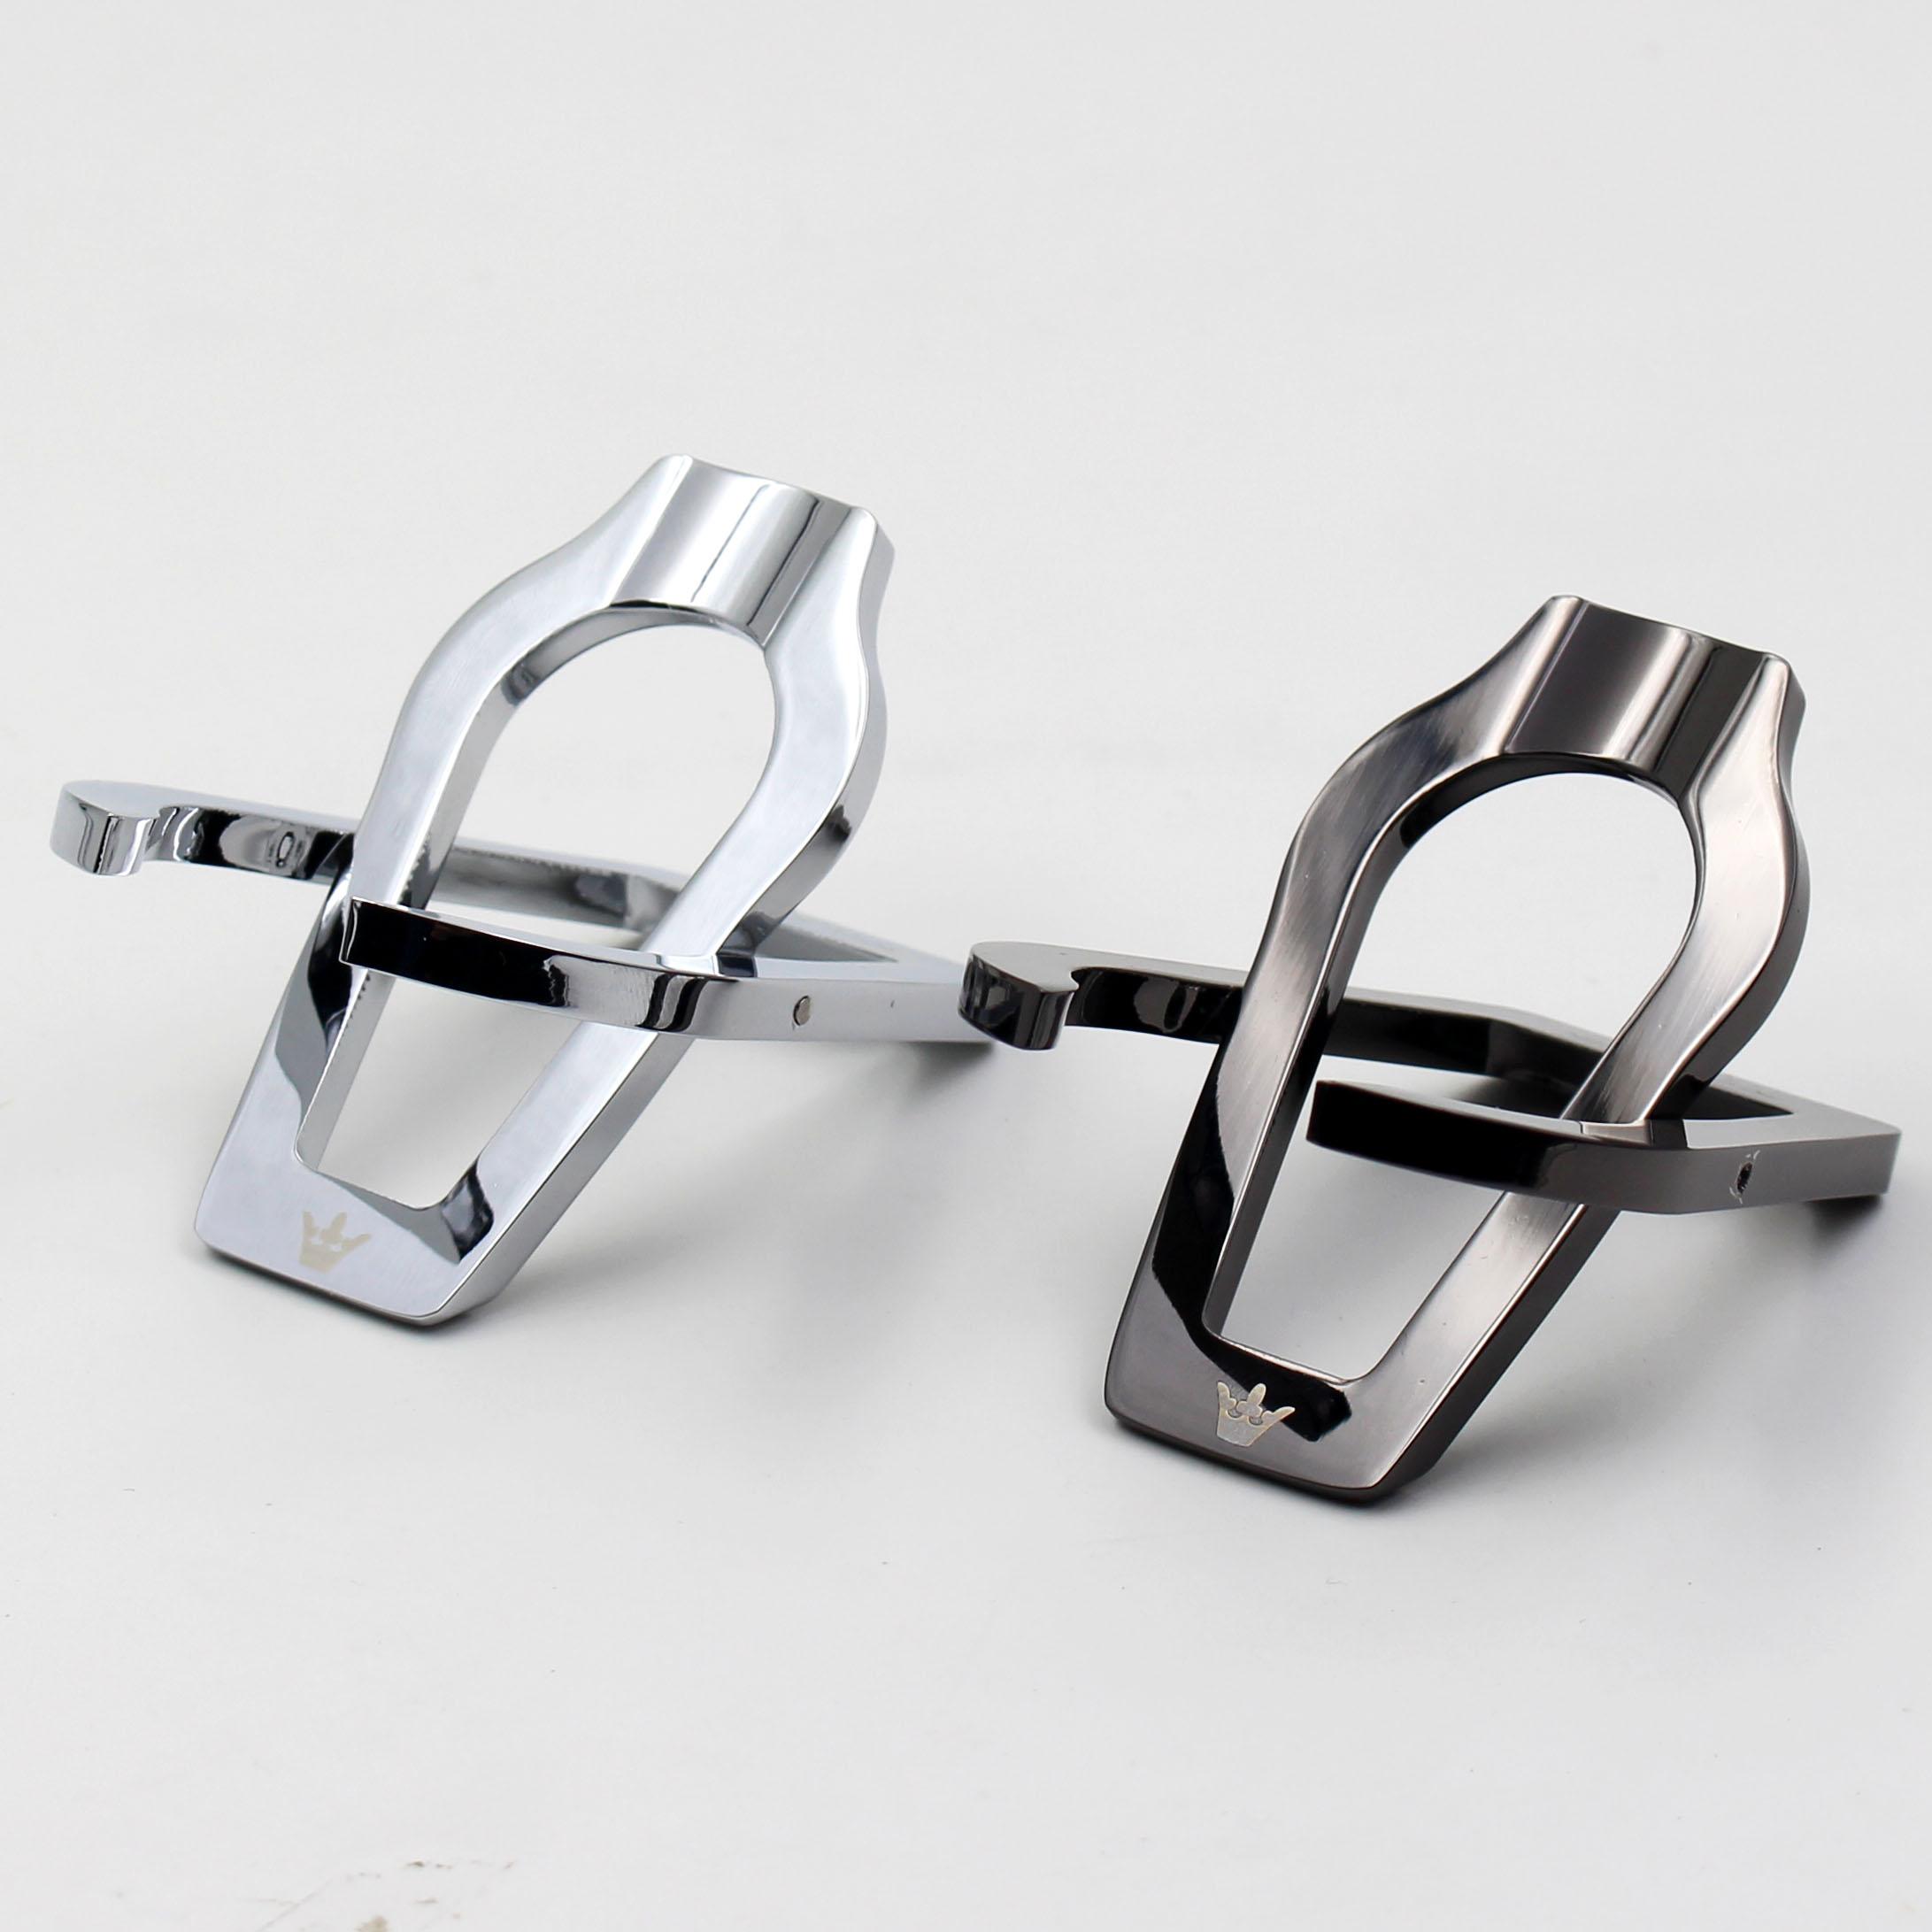 Нержавеющая сталь металлический Кухонная трубка один Битодержатель высококачественный Трубная стойка, фитинги из древесноволокнистых плит, серебро черный